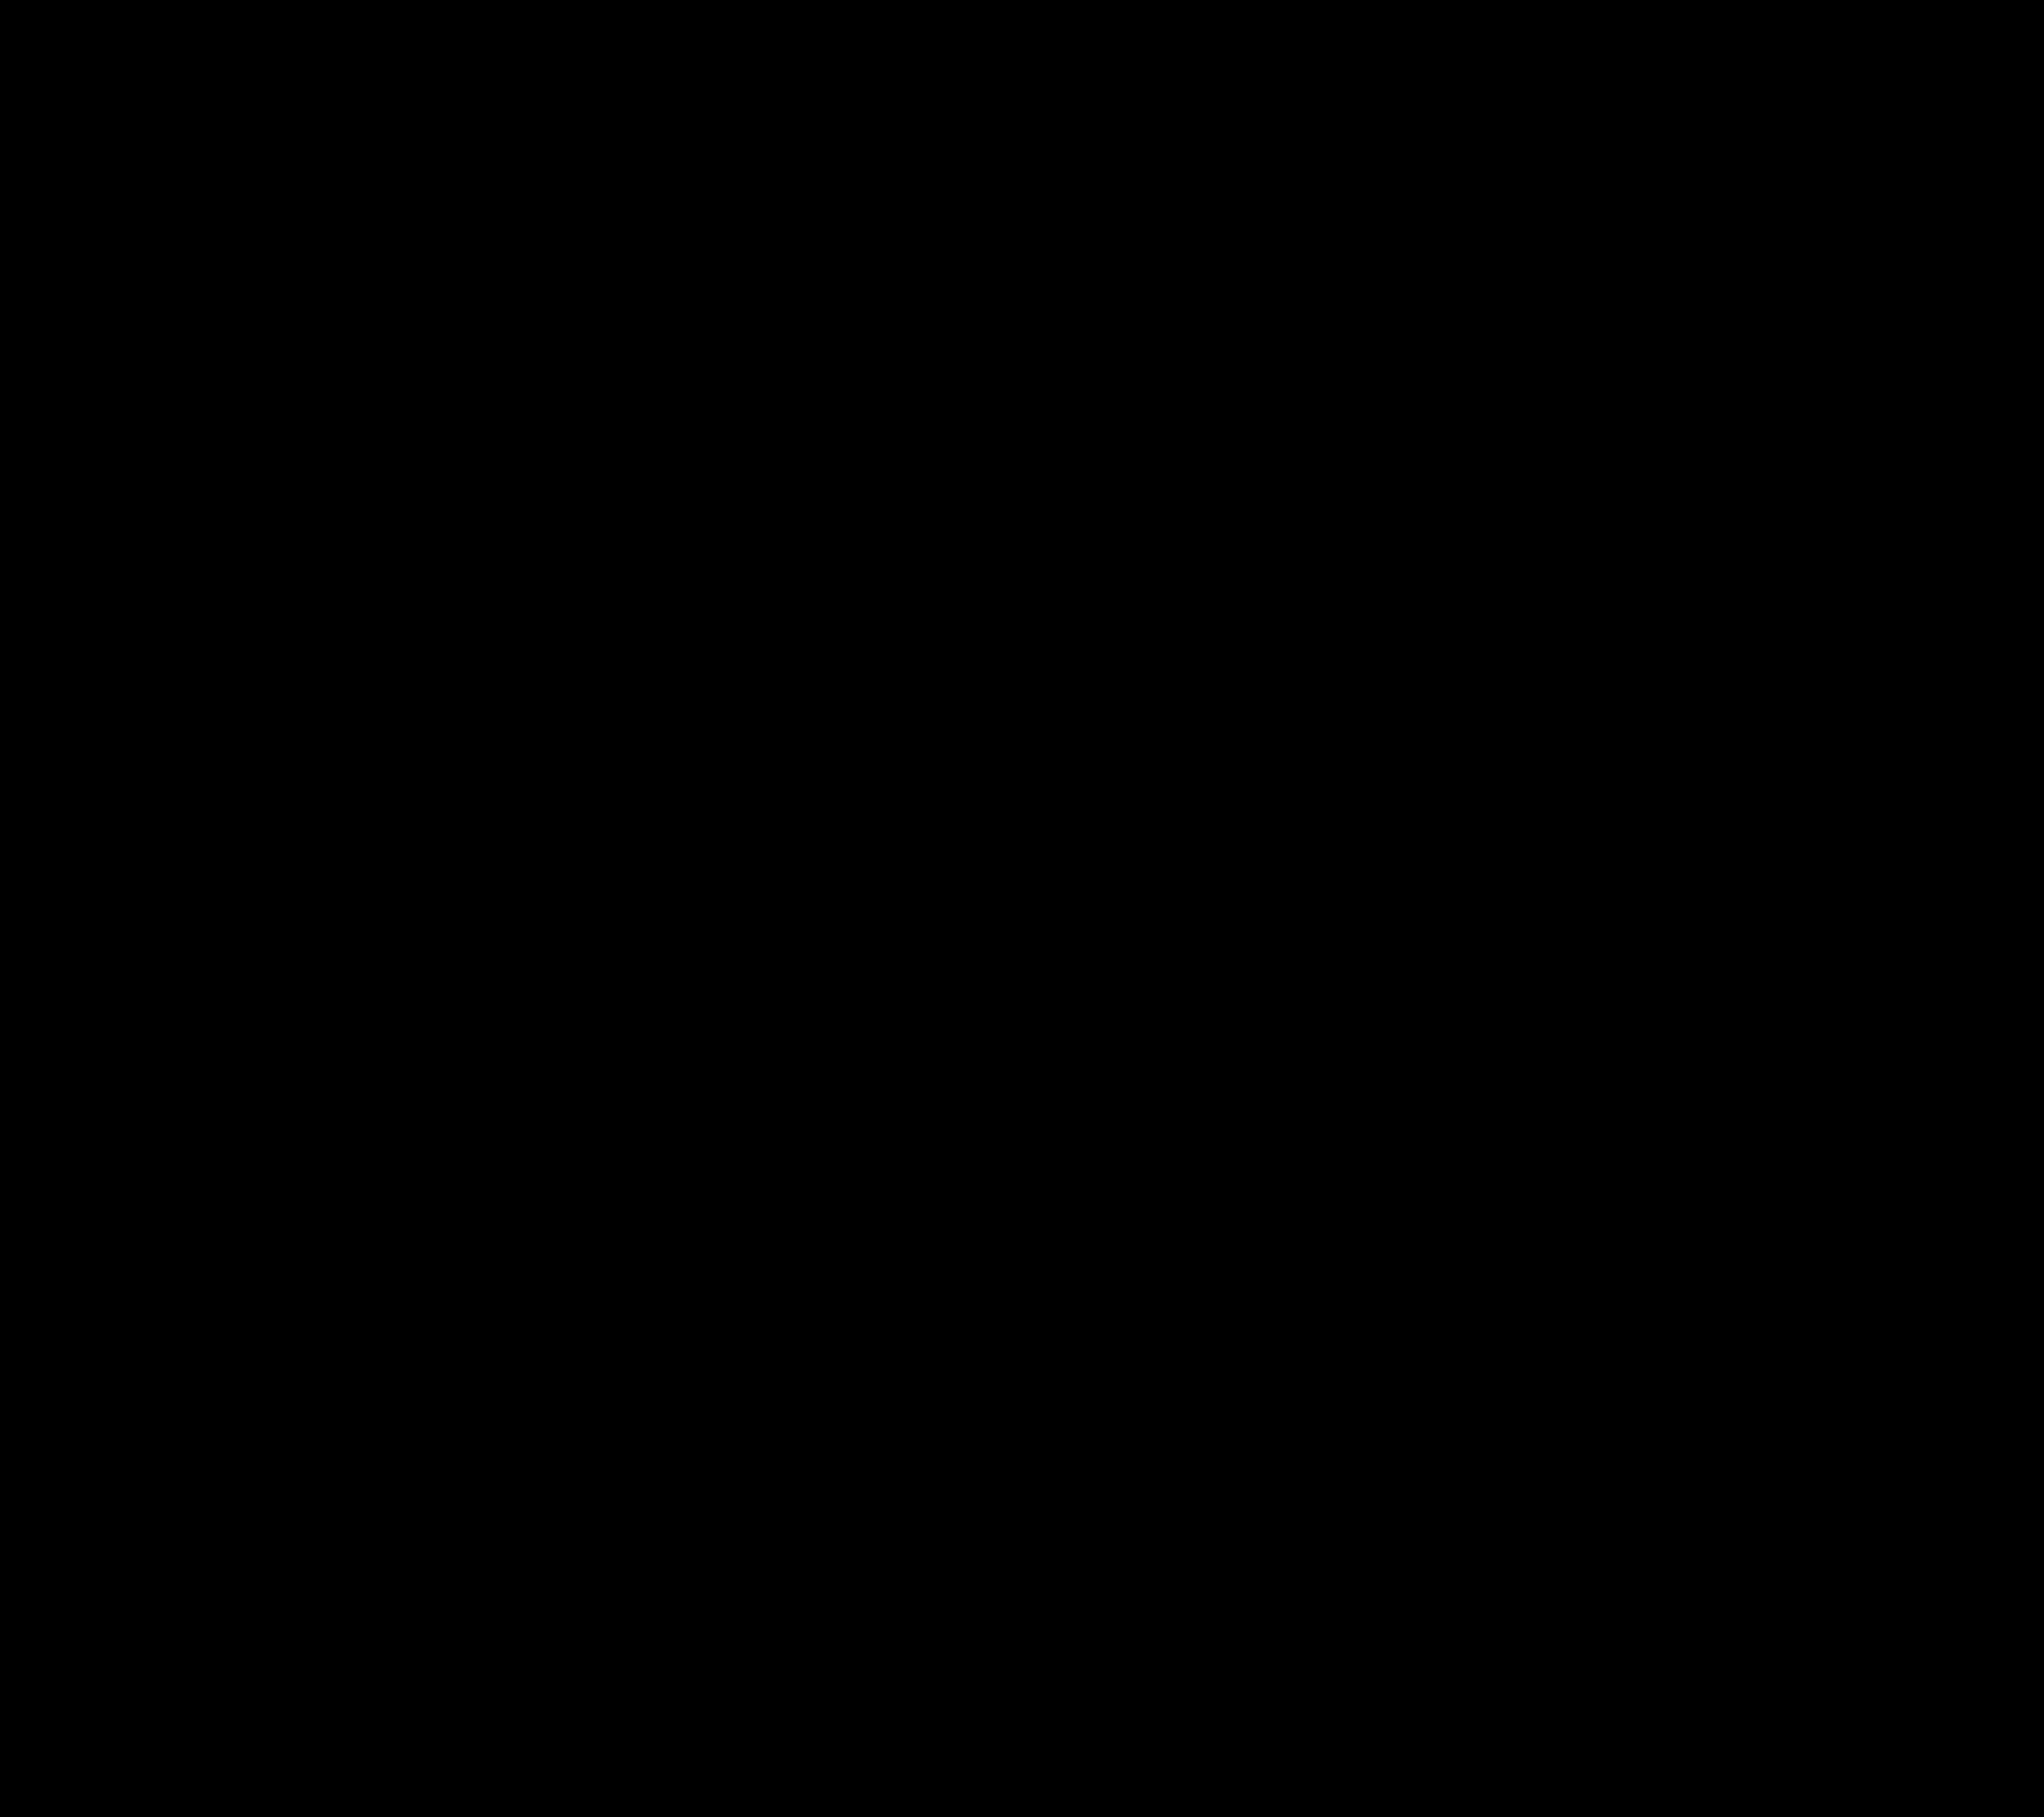 Emma Stone Natalie Portman Michelle Williams And More Are The Best P Michelle Williams Natalie Portman Natalie